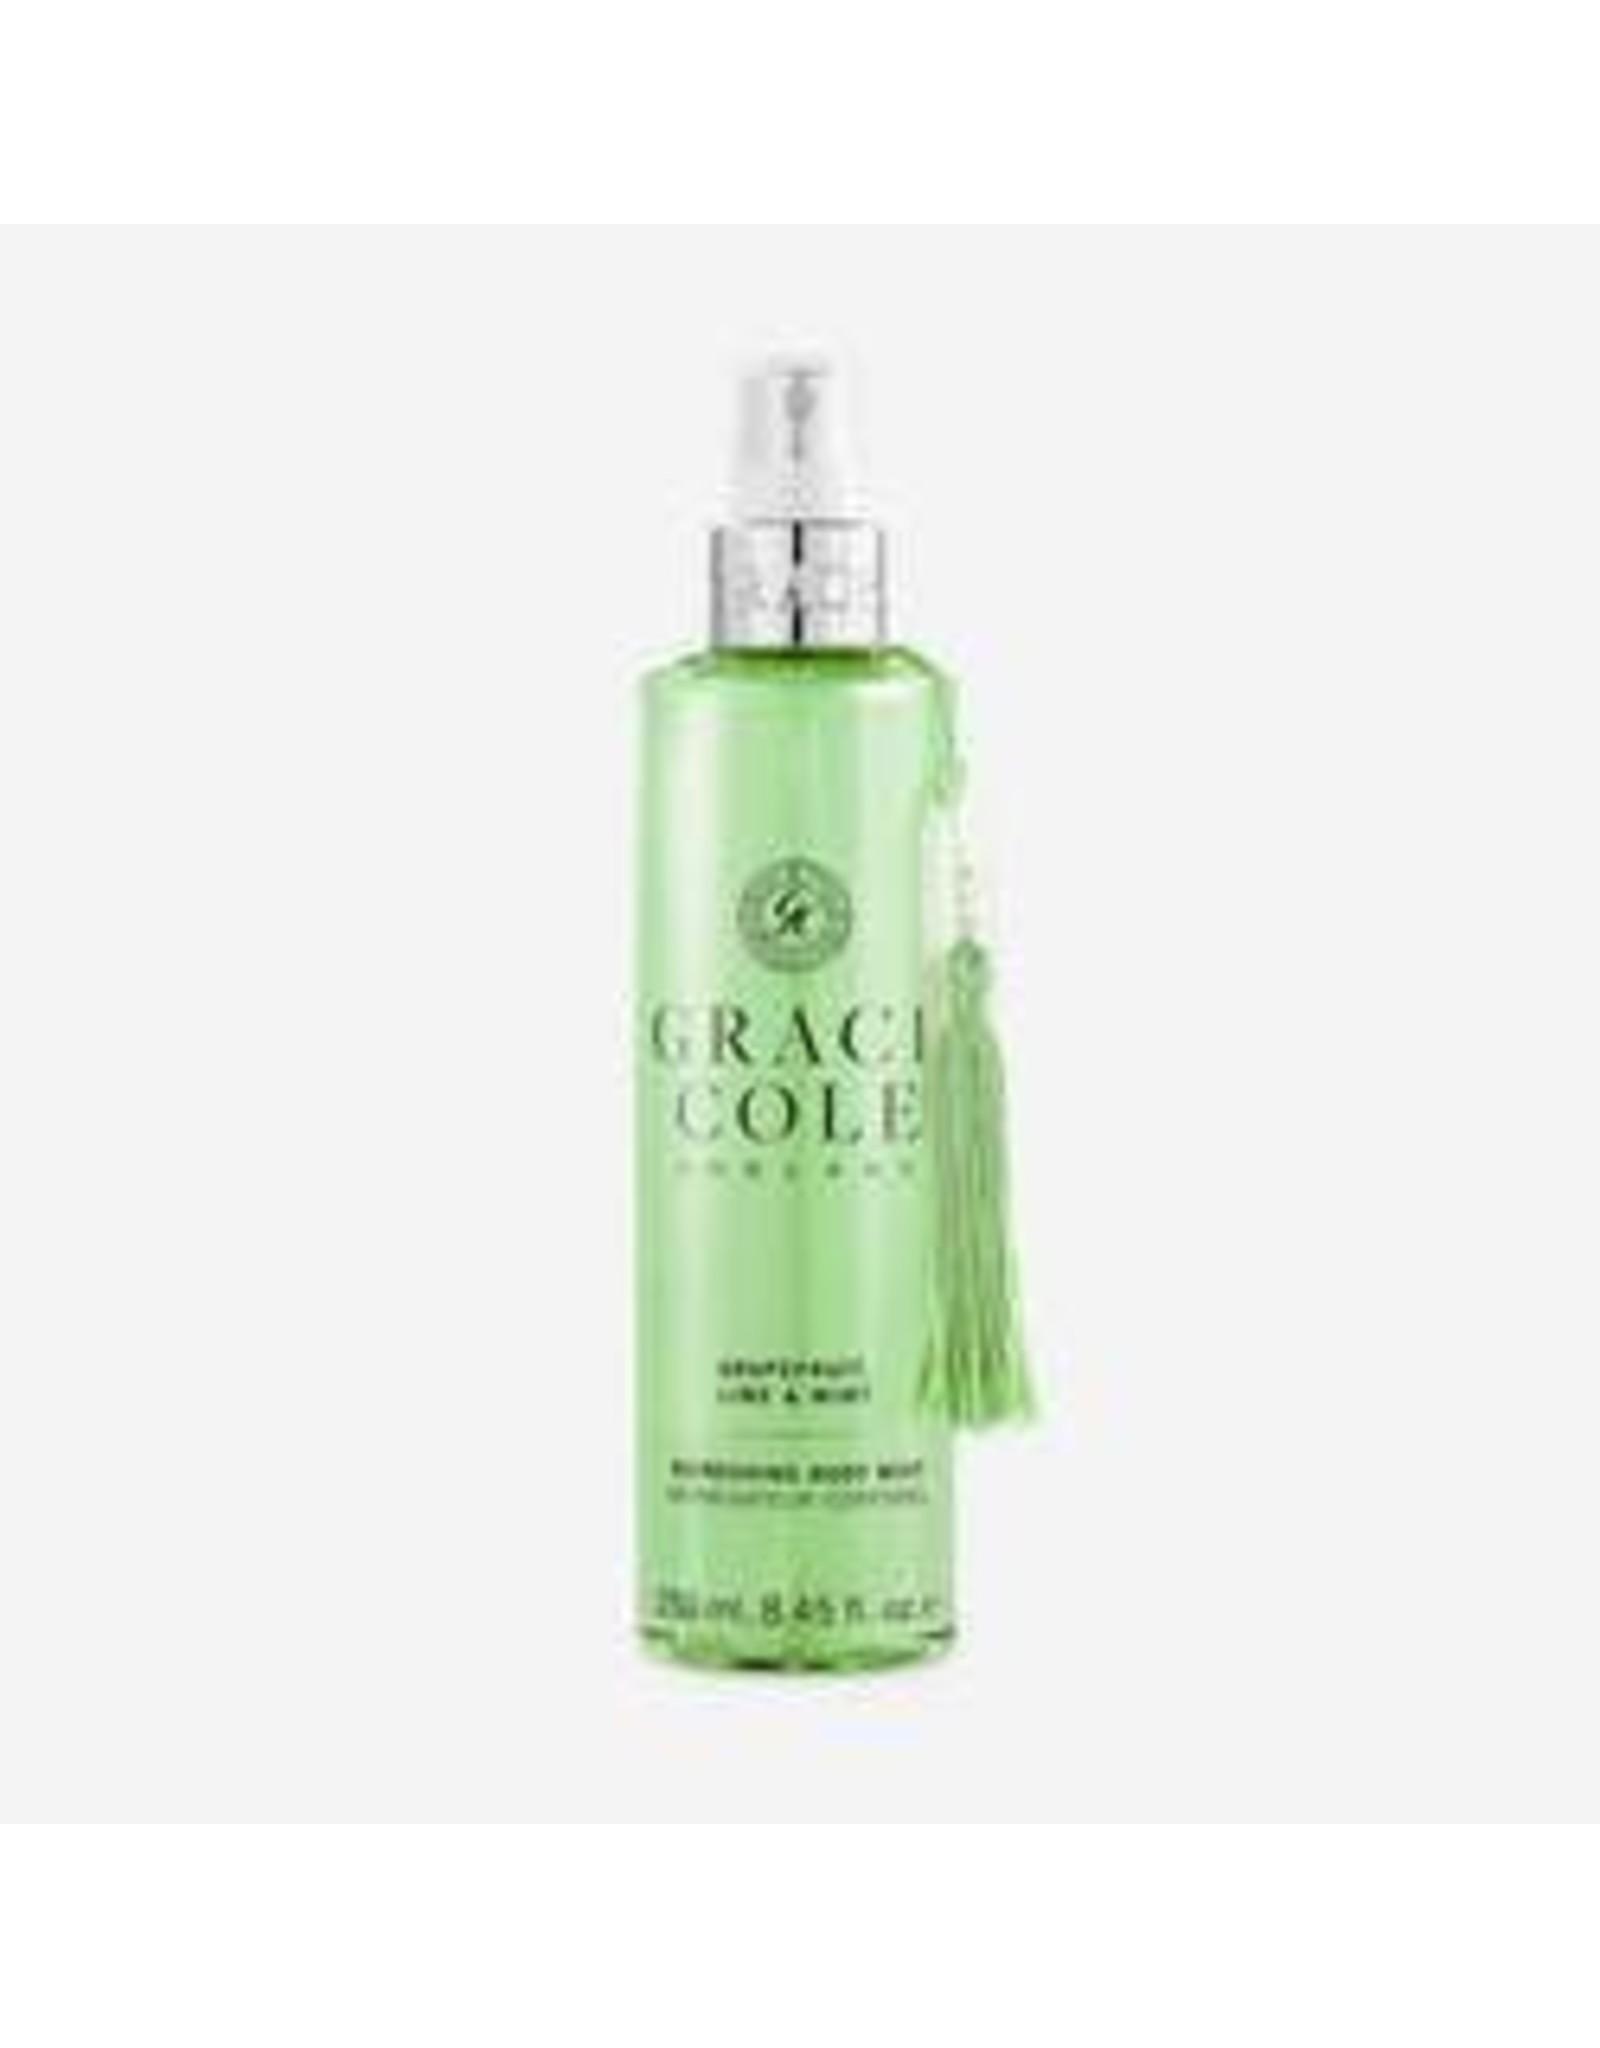 Grace Cole Body Mist Grapefruit, Lime&Mint